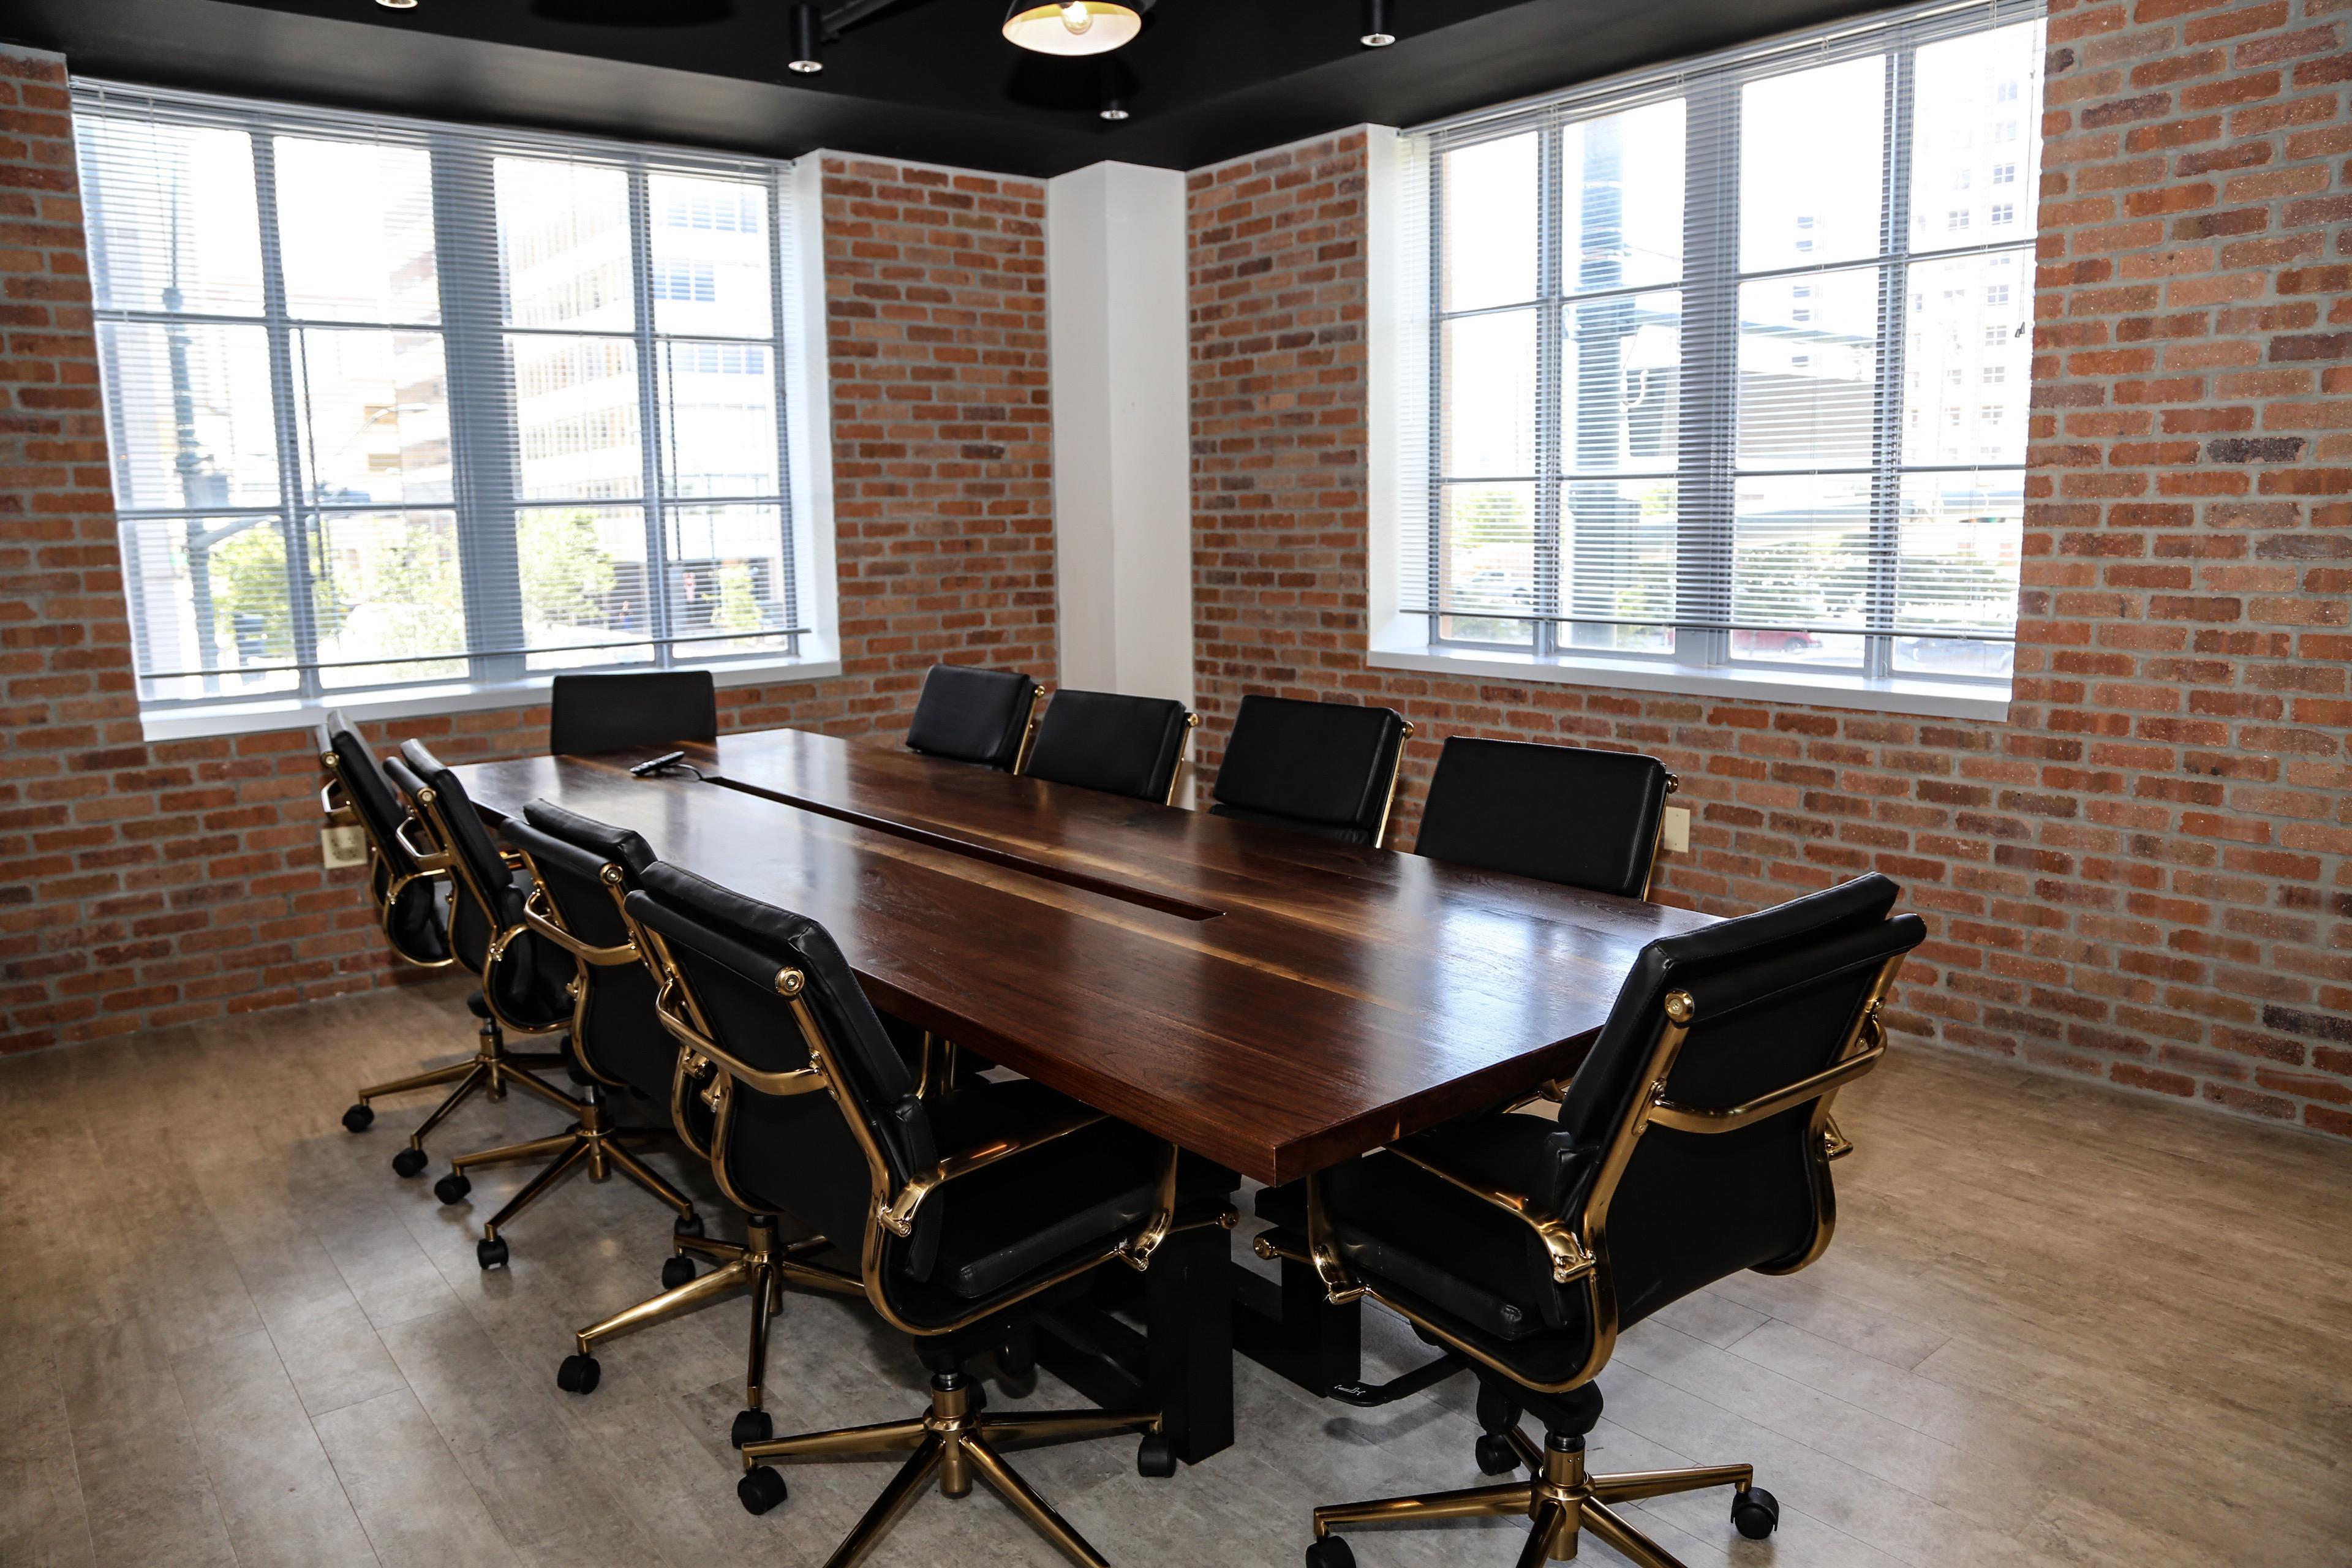 Stylish Midland Meeting Room